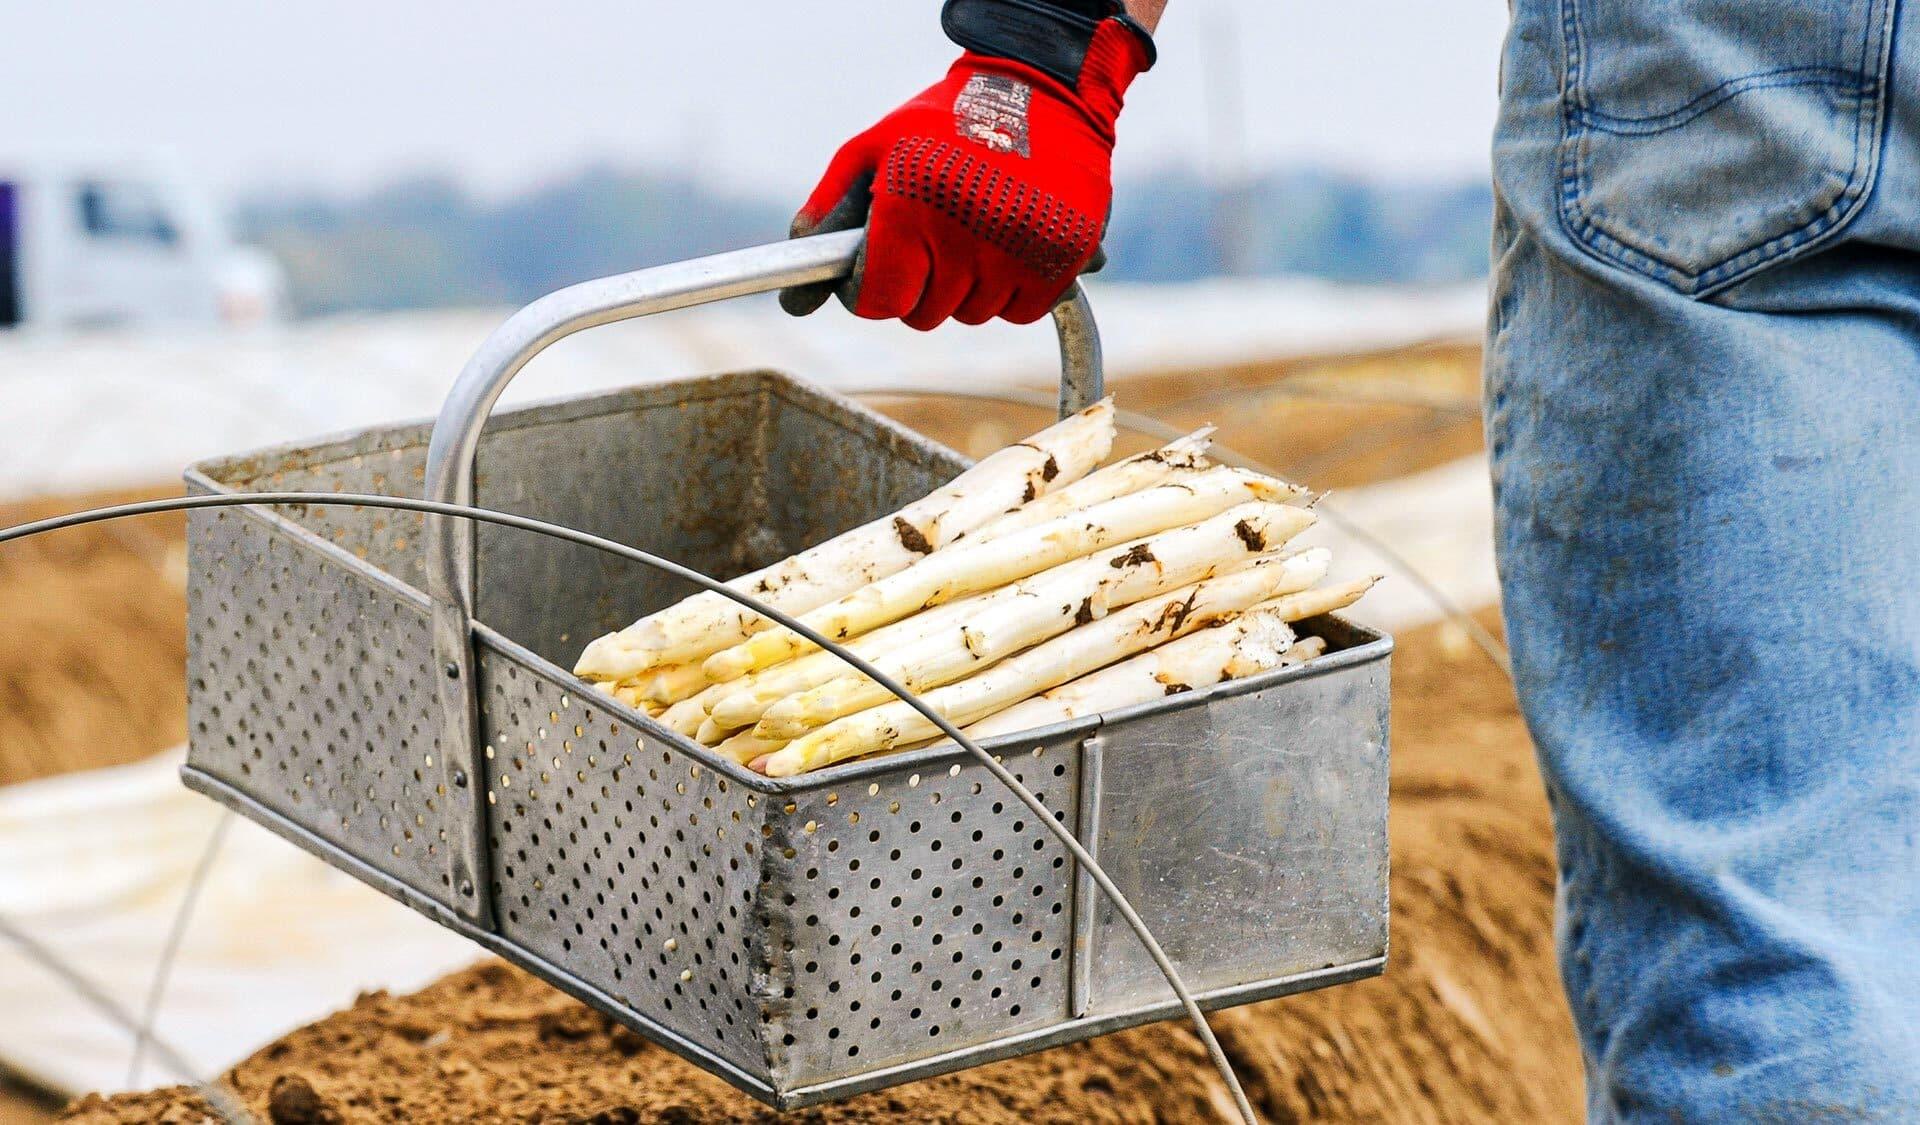 Erntehelfer trägt Korb mit frisch geerntetem Spargel